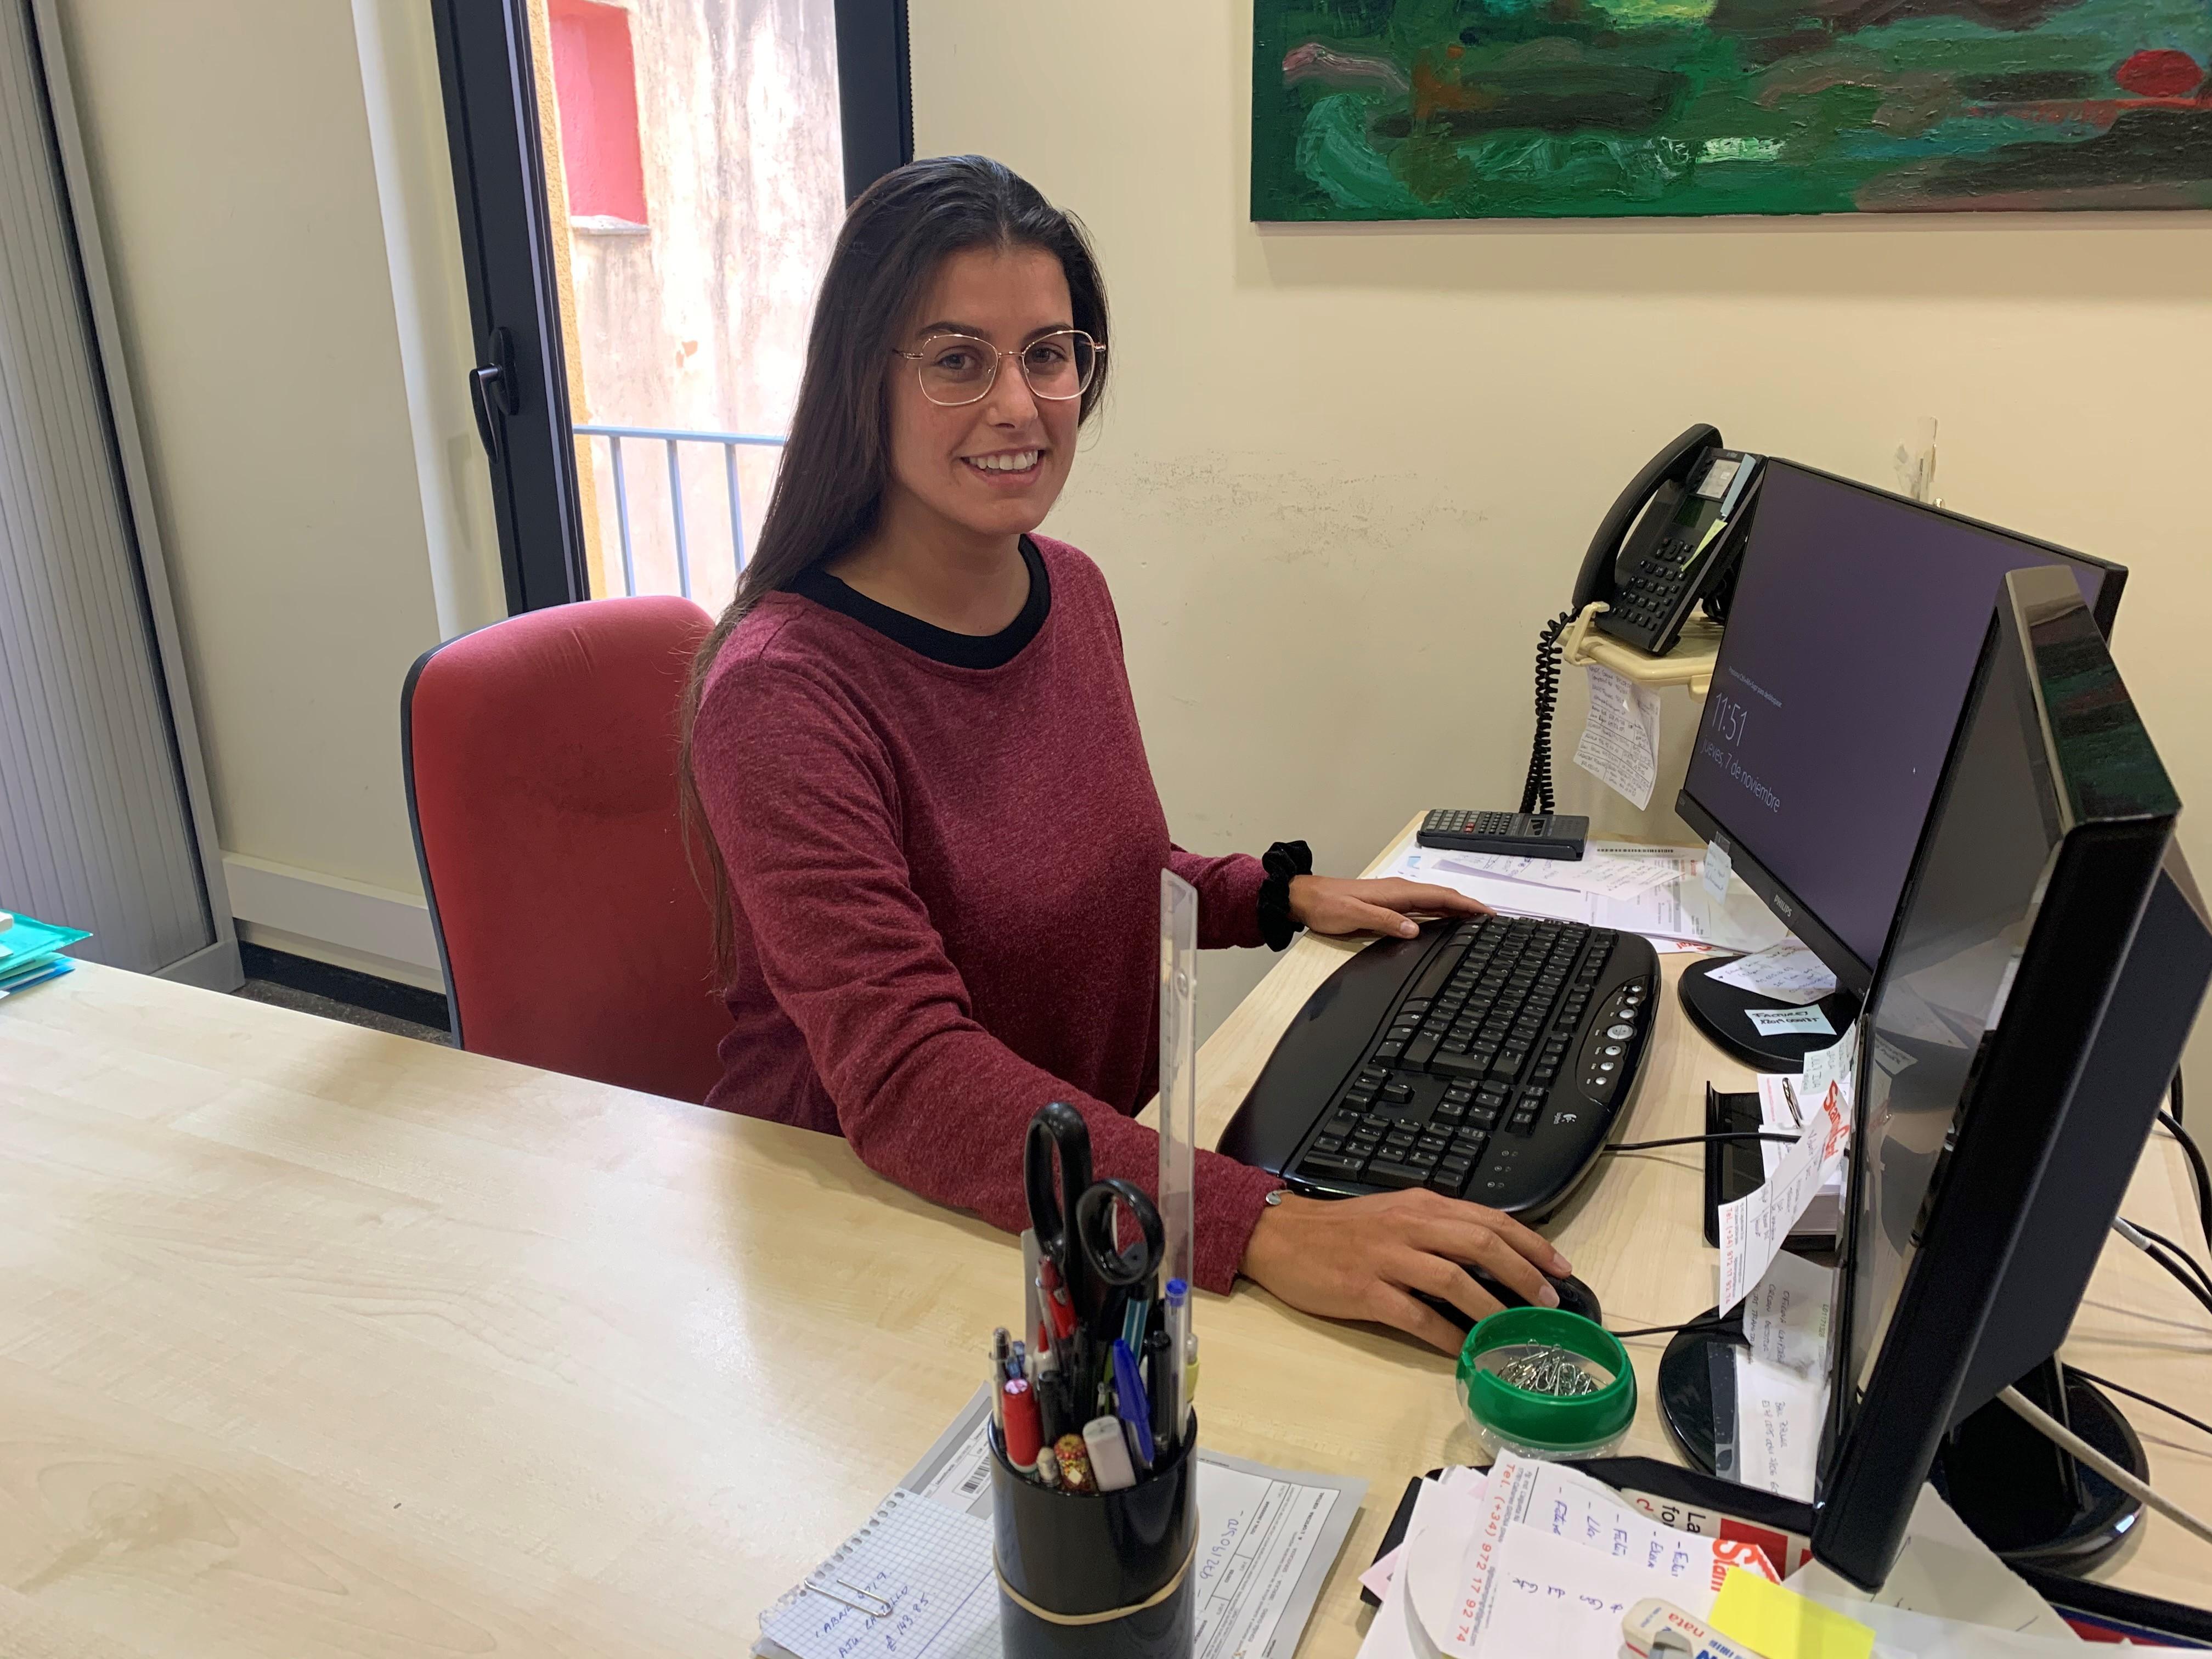 Una jove comença a treballar a l'Ajuntament de Peralada en el marc del Programa de Garantia Juvenil de Catalunya